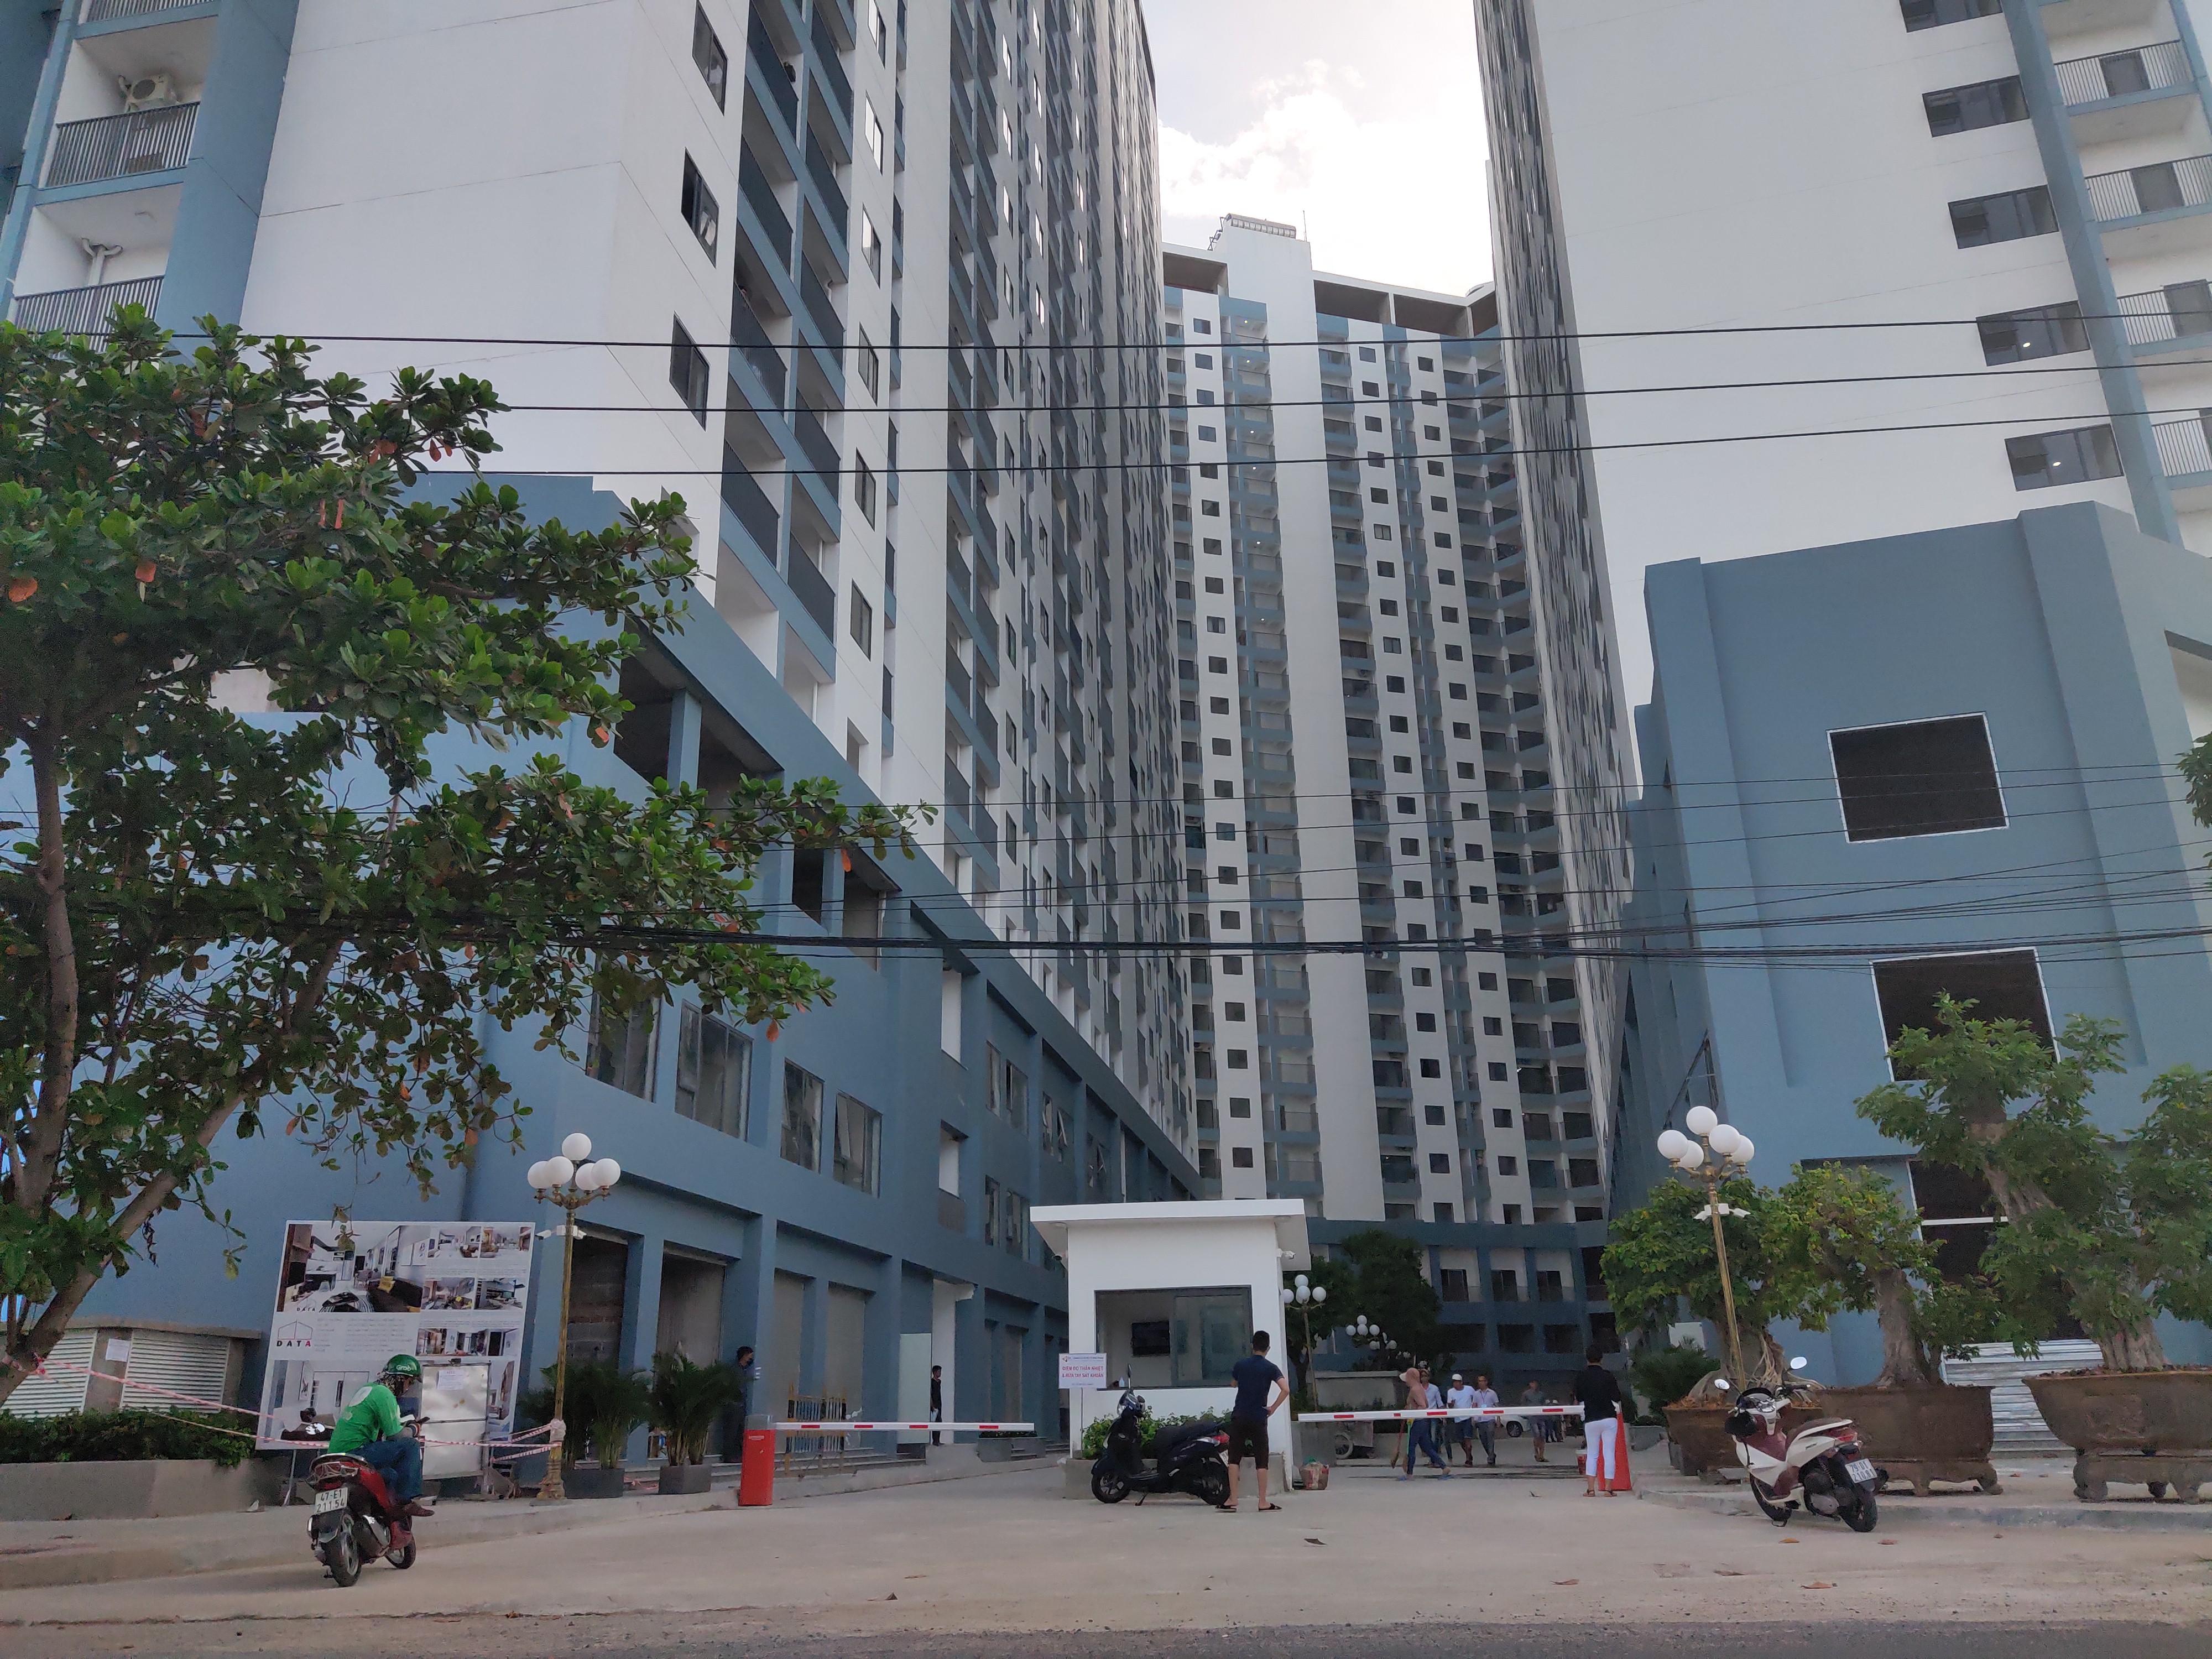 Nha Trang còn khoảng 11 ha đất sạch phát triển NƠXH nhưng nhà đầu tư chậm triển khai - Ảnh 3.